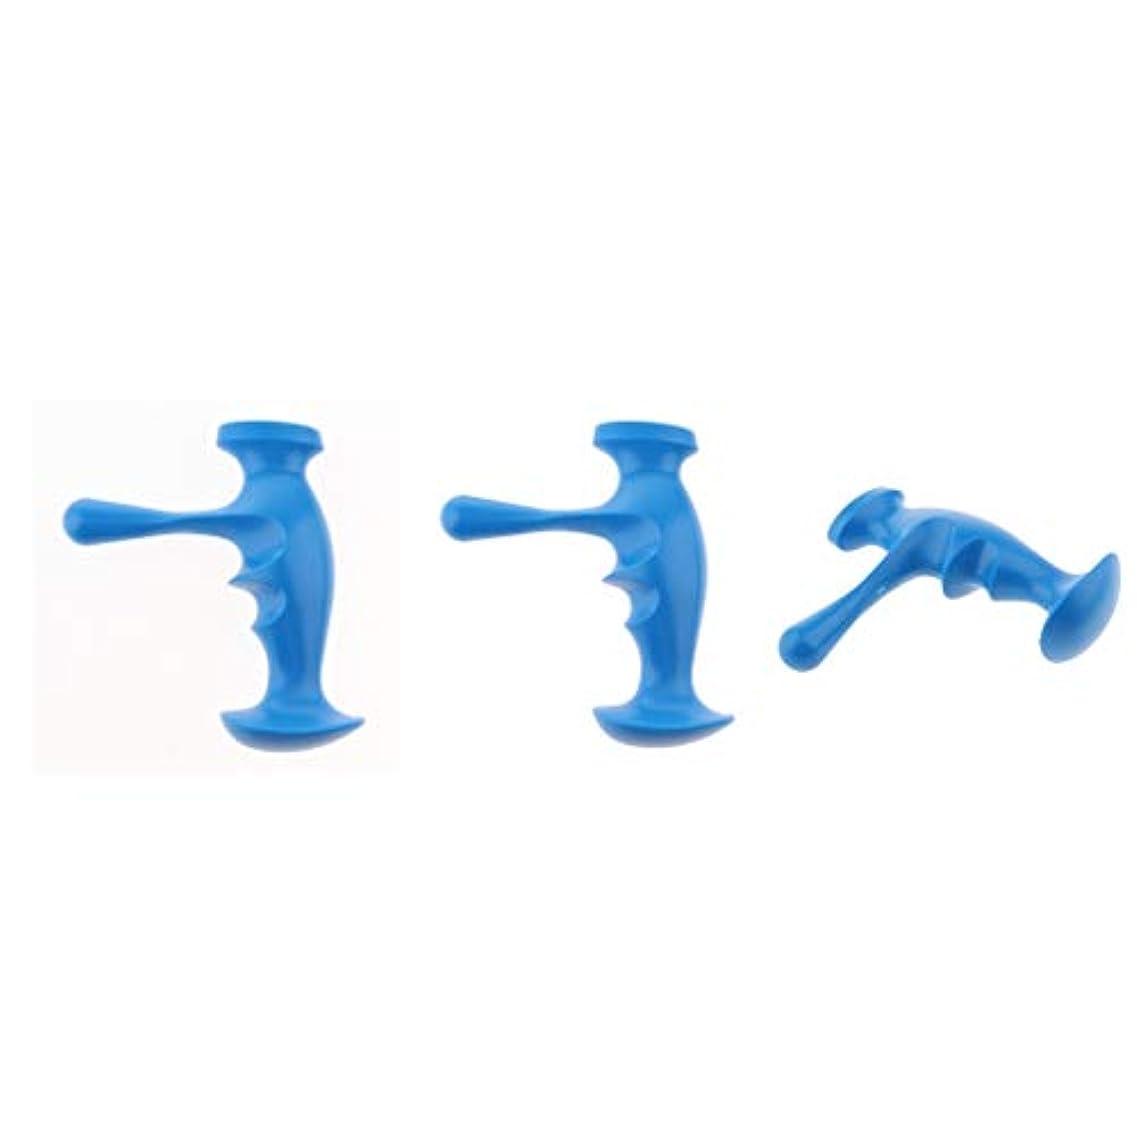 送料歯痛キャンベラ3個 ハンディマッサージャー ボディマッサージ マッサージスティック マッサージ 器